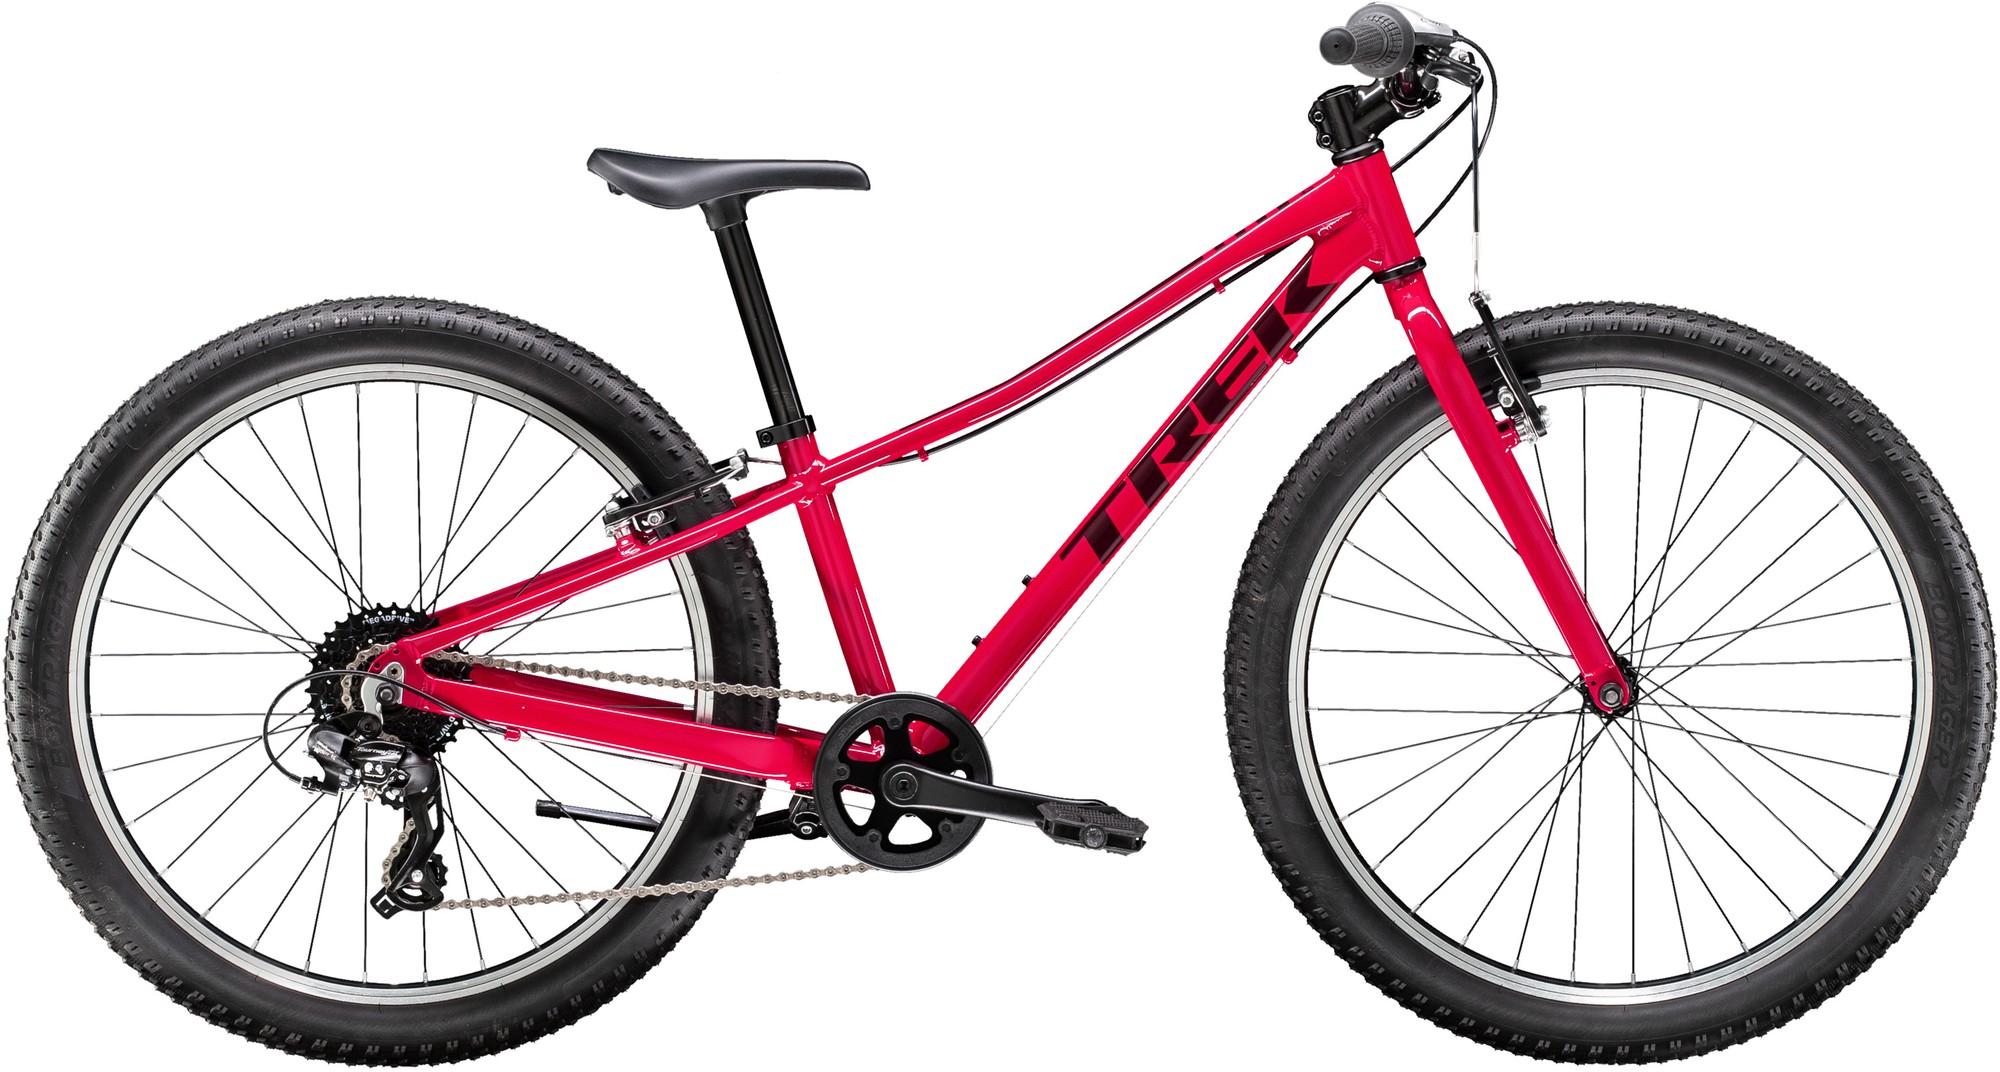 Trek Велосипед подростковый женский Trek Precaliber 24 8sp Girls 24 цена